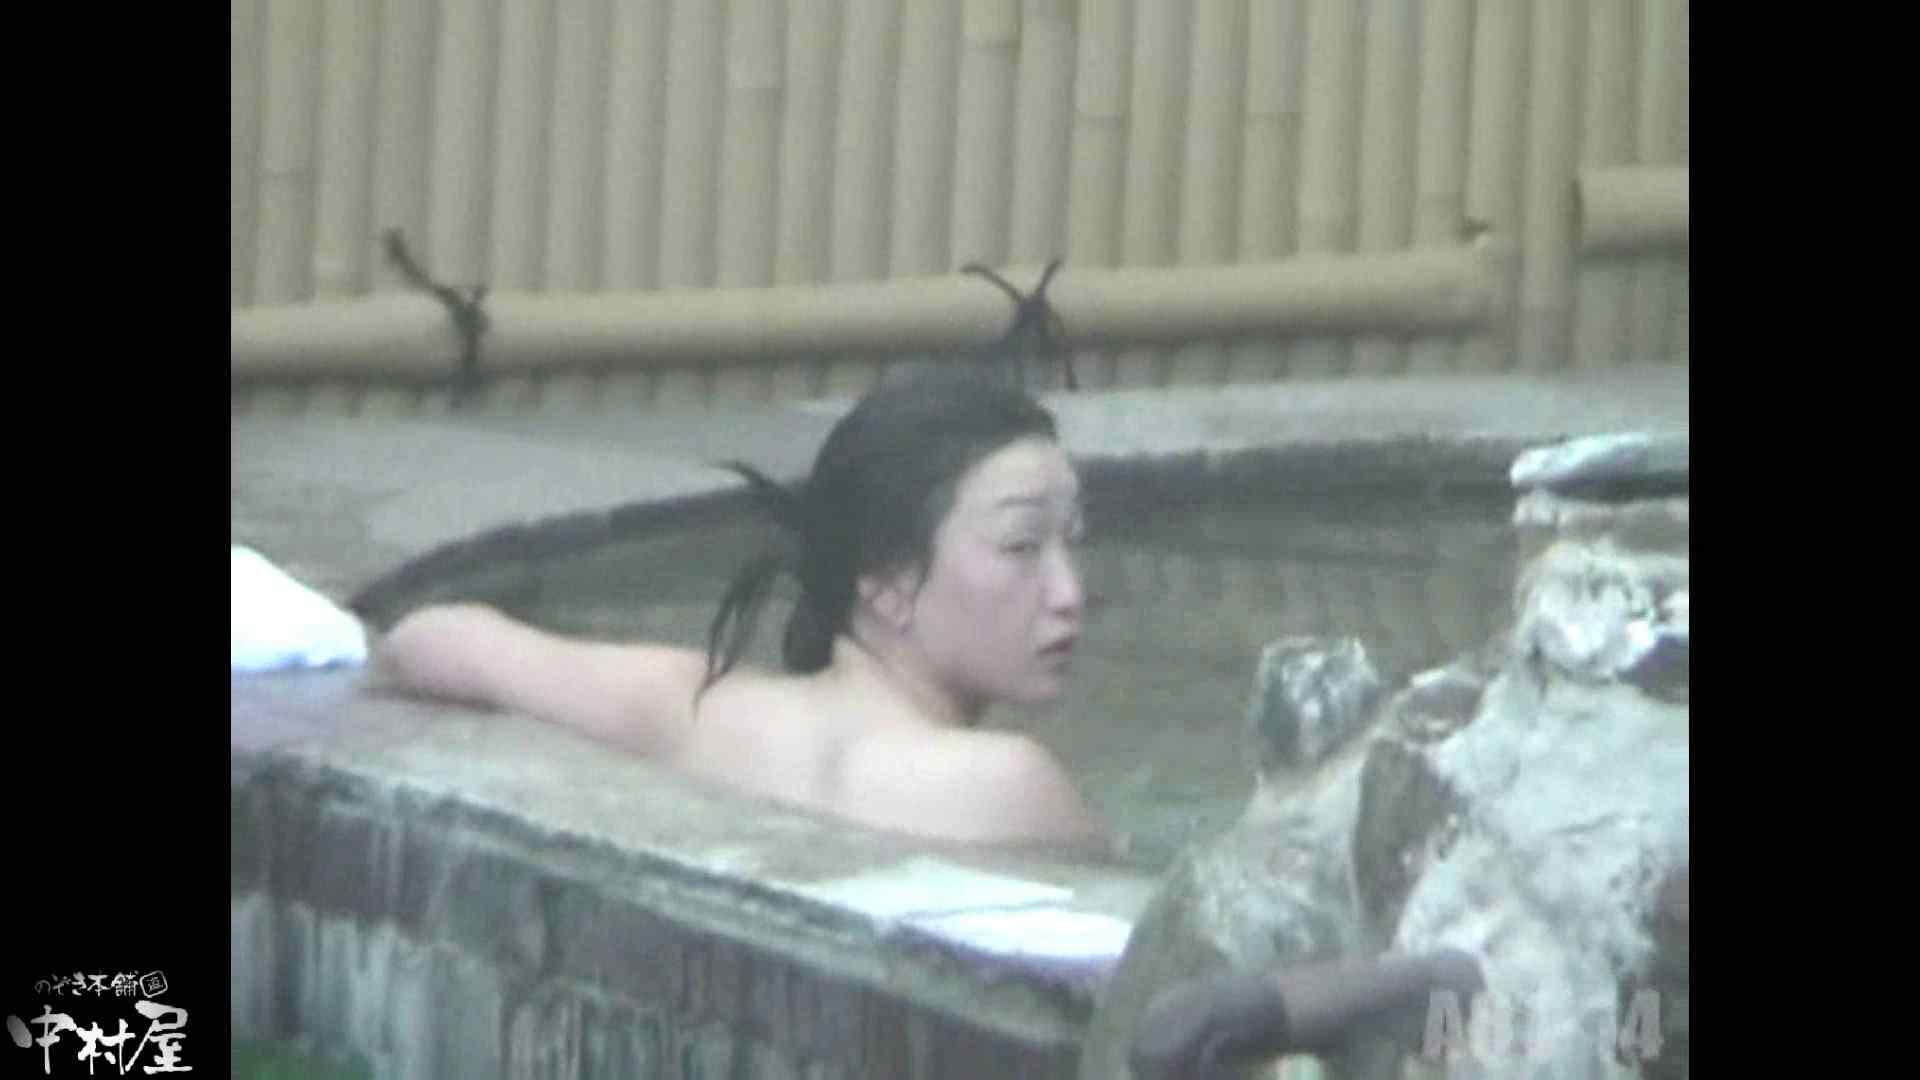 Aquaな露天風呂Vol.878潜入盗撮露天風呂十四判湯 其の七 盗撮師作品  70pic 68